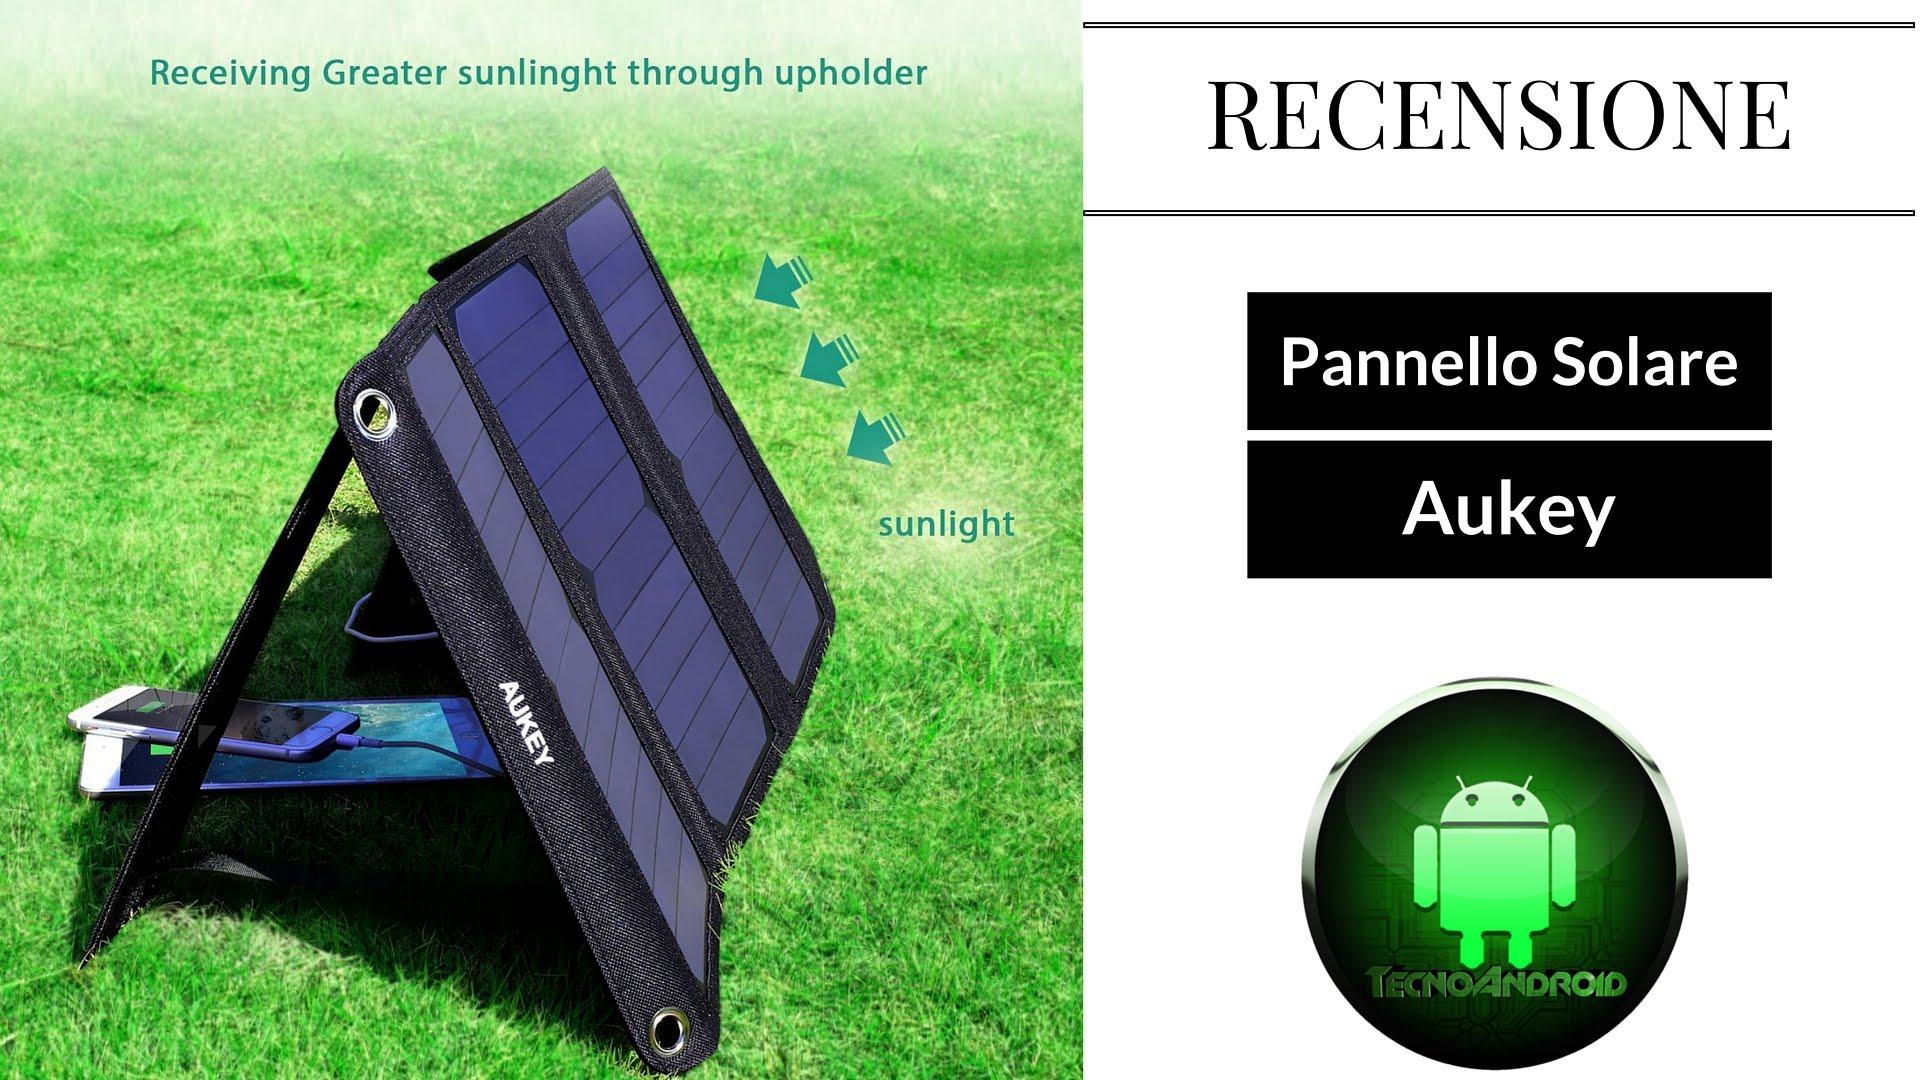 Pannello Solare Solcrafte Recensioni : Pannello solare pieghevole aukey il migliore per